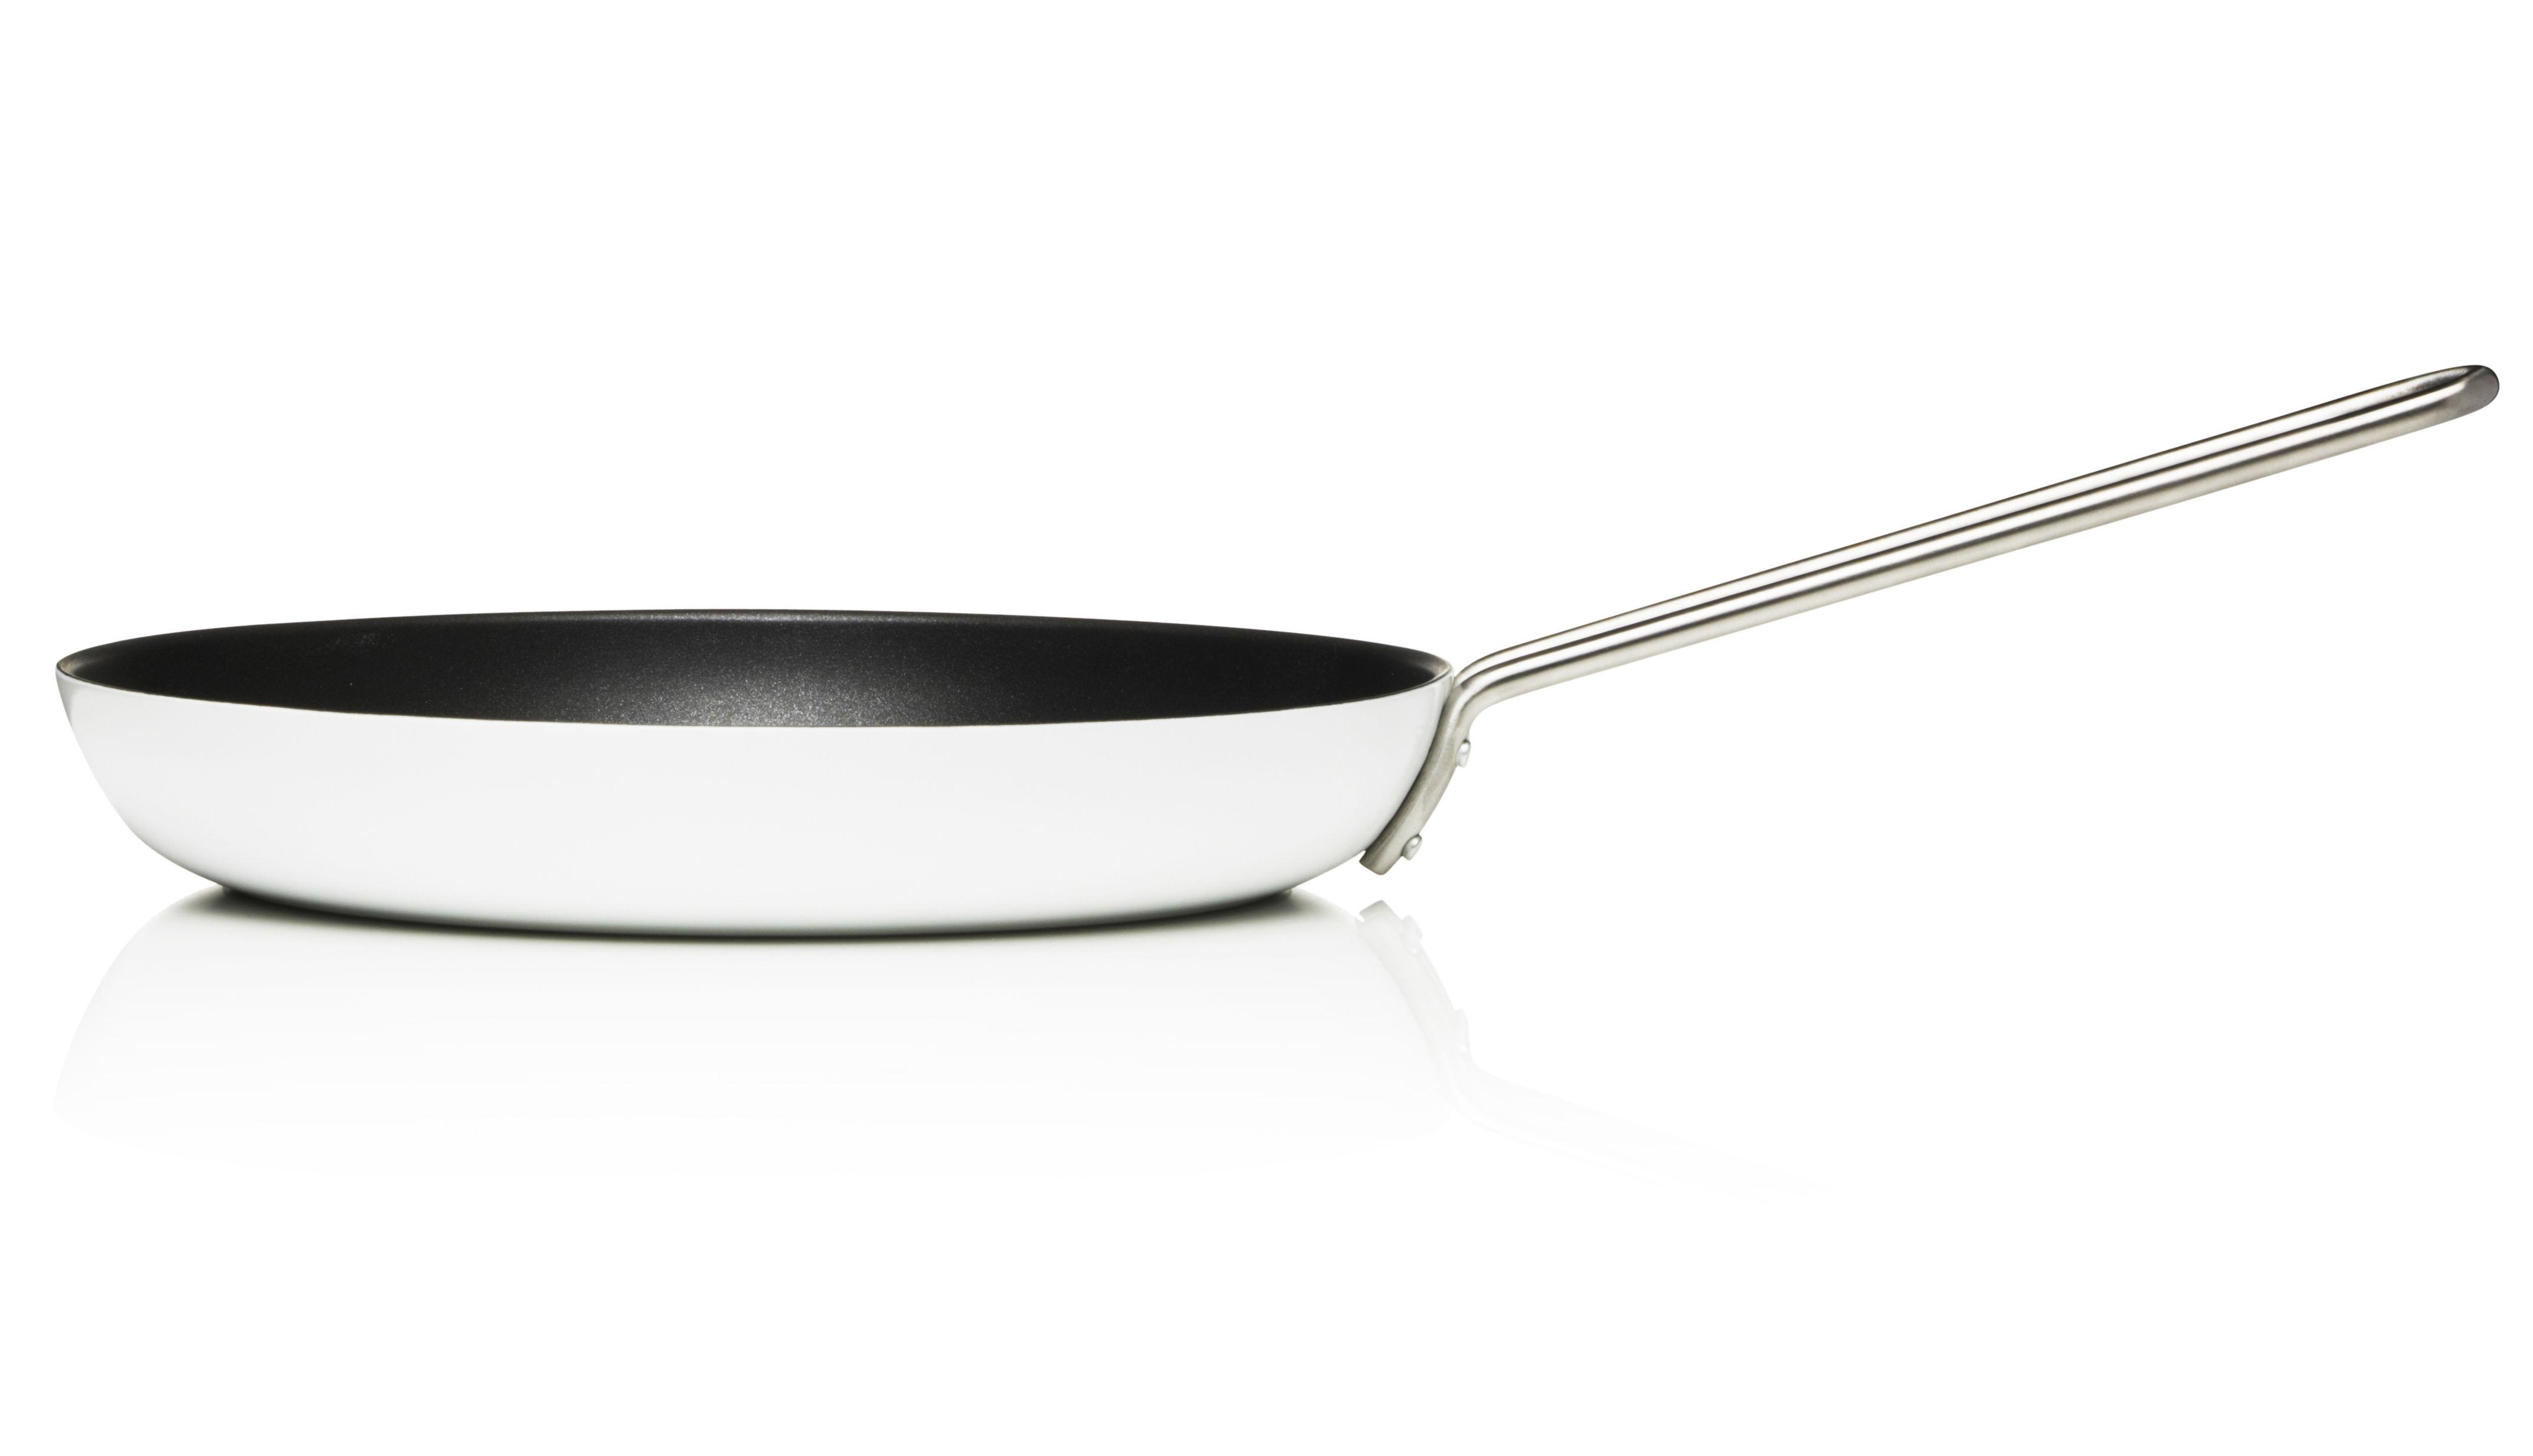 Küche - Pfannen, Koch- und Schmortöpfe - White Line Pfanne Ø 28 cm - Eva Trio - Ø 28 cm - weiß - Aluminium, Keramik, rostfreier Stahl, Teflon